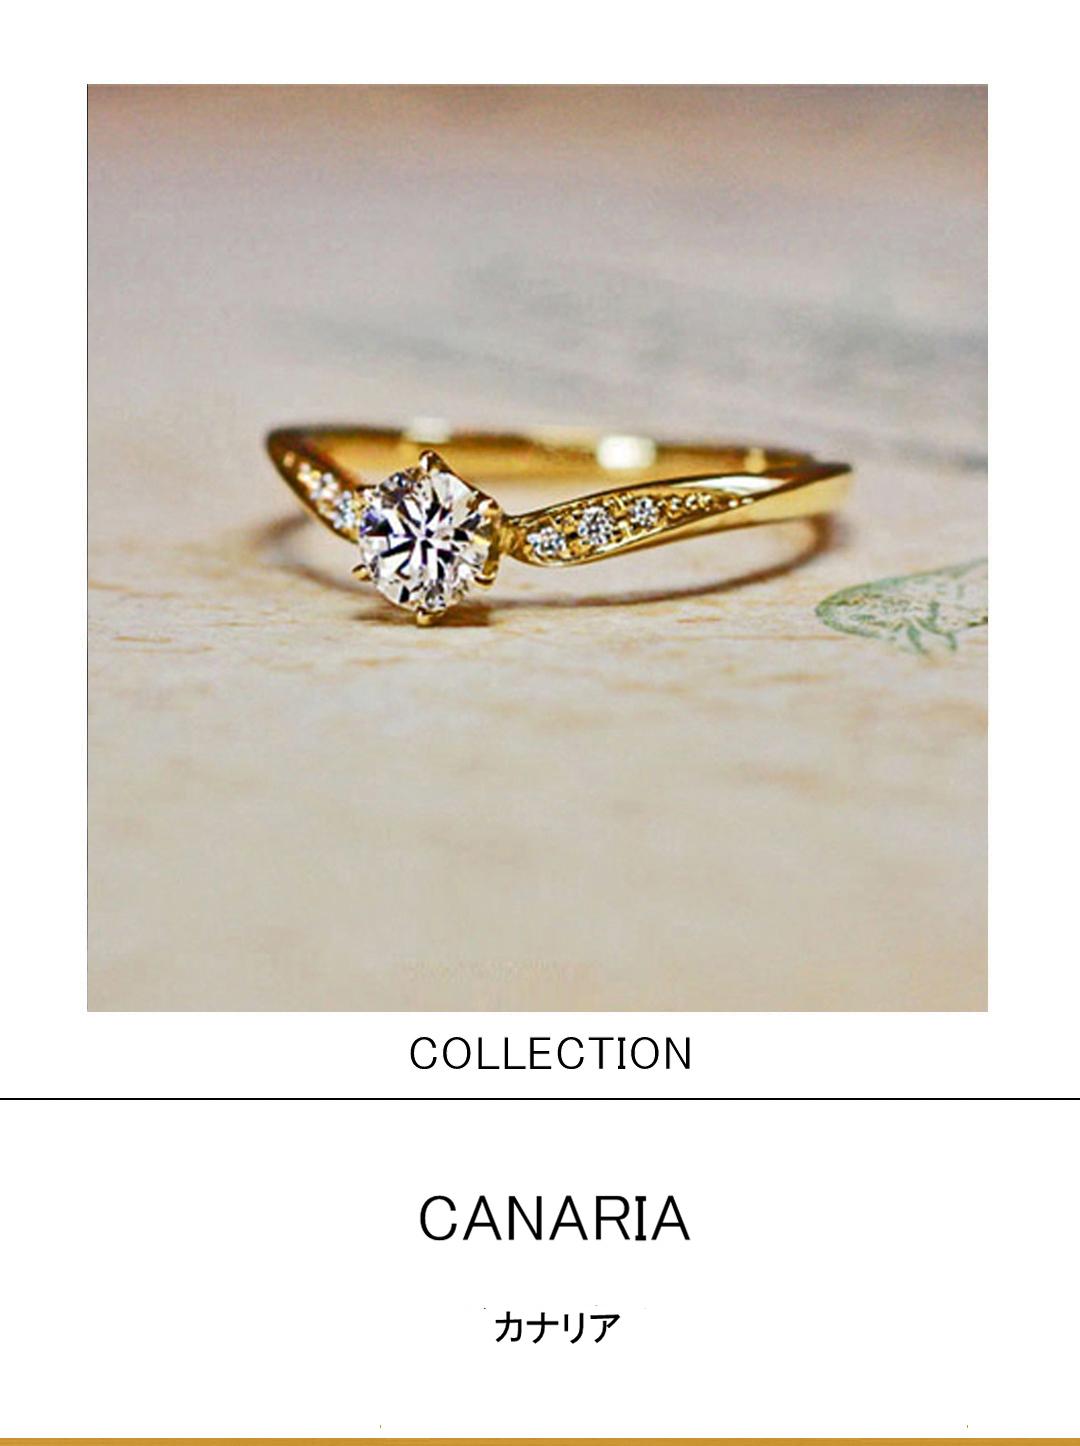 指にとまったカナリアがモチーフのゴールドの婚約指輪のサムネイル